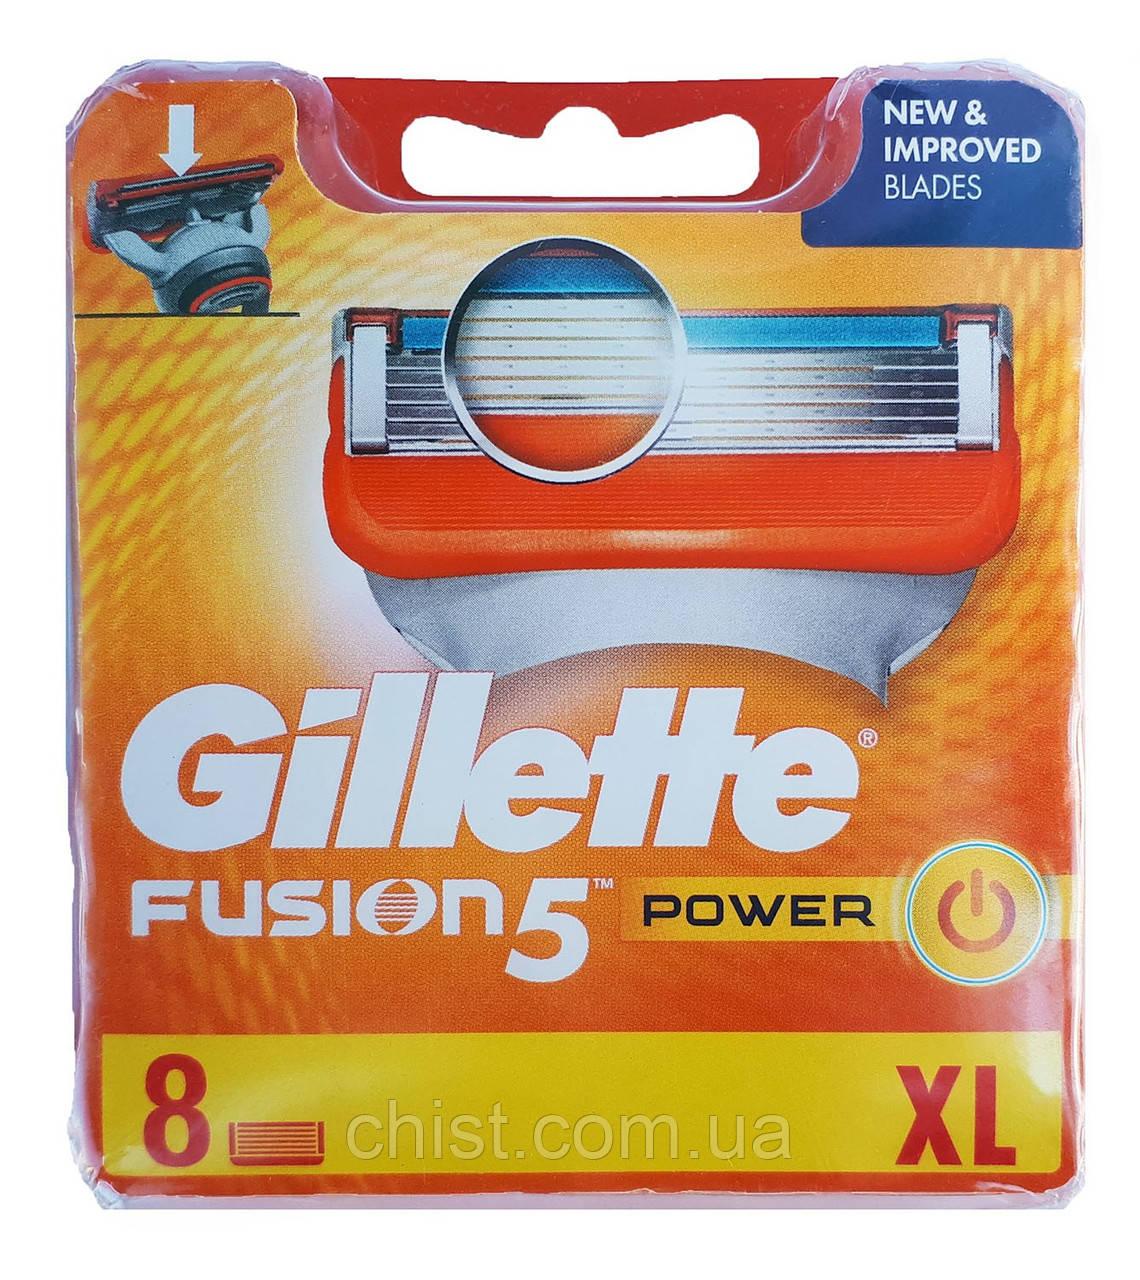 Сменные кассеты Gillette Fusion 5 Power (8 шт) Европа